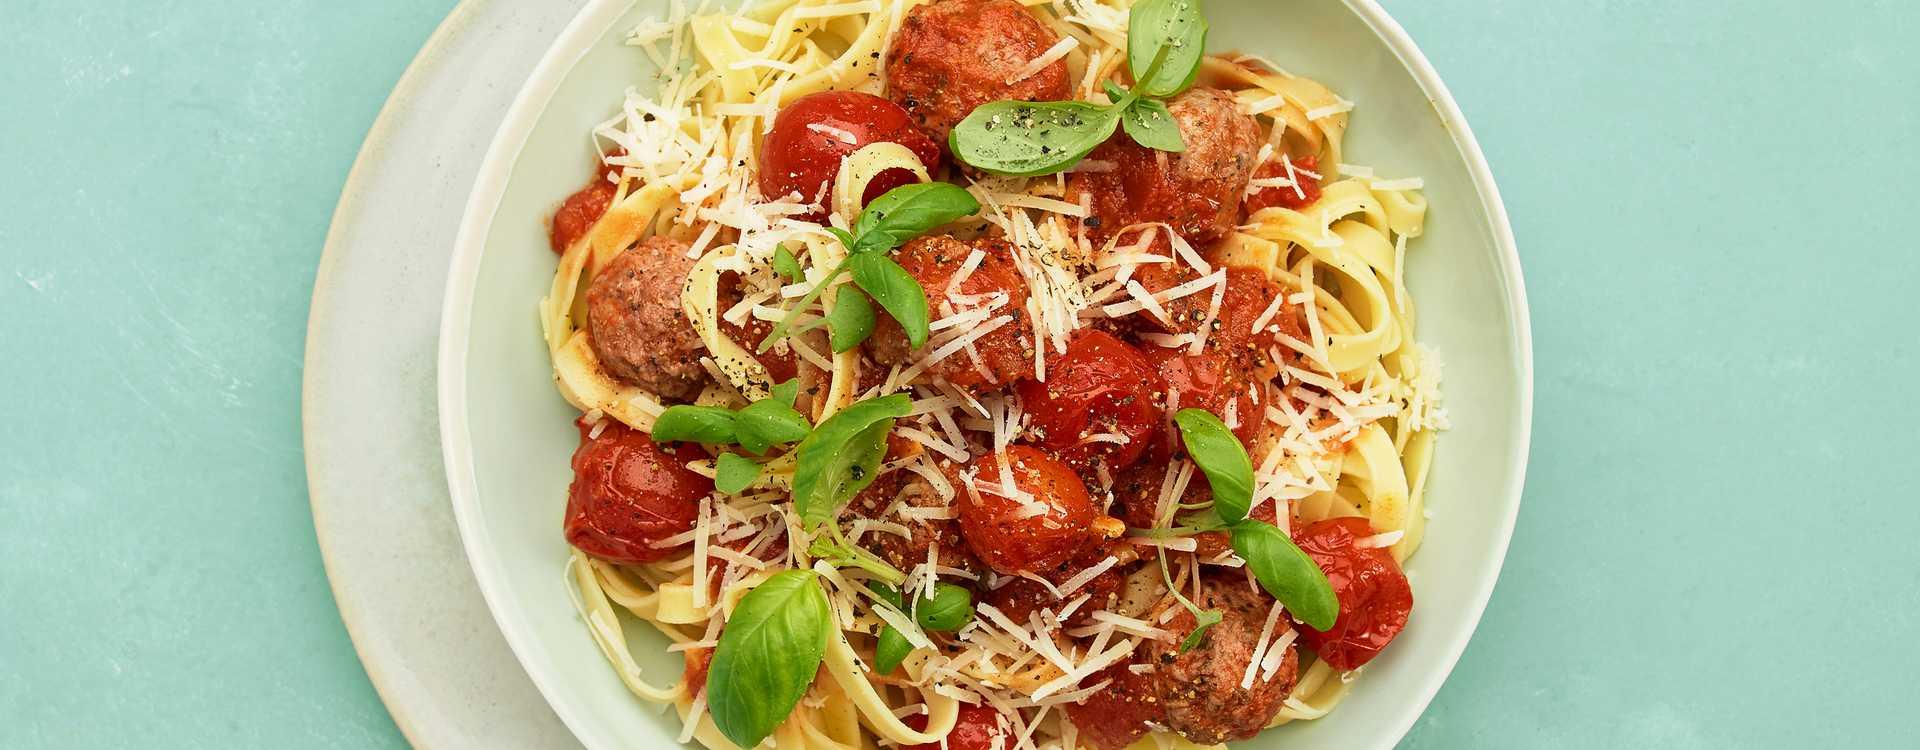 Tagliatelle med italienske kjøttboller